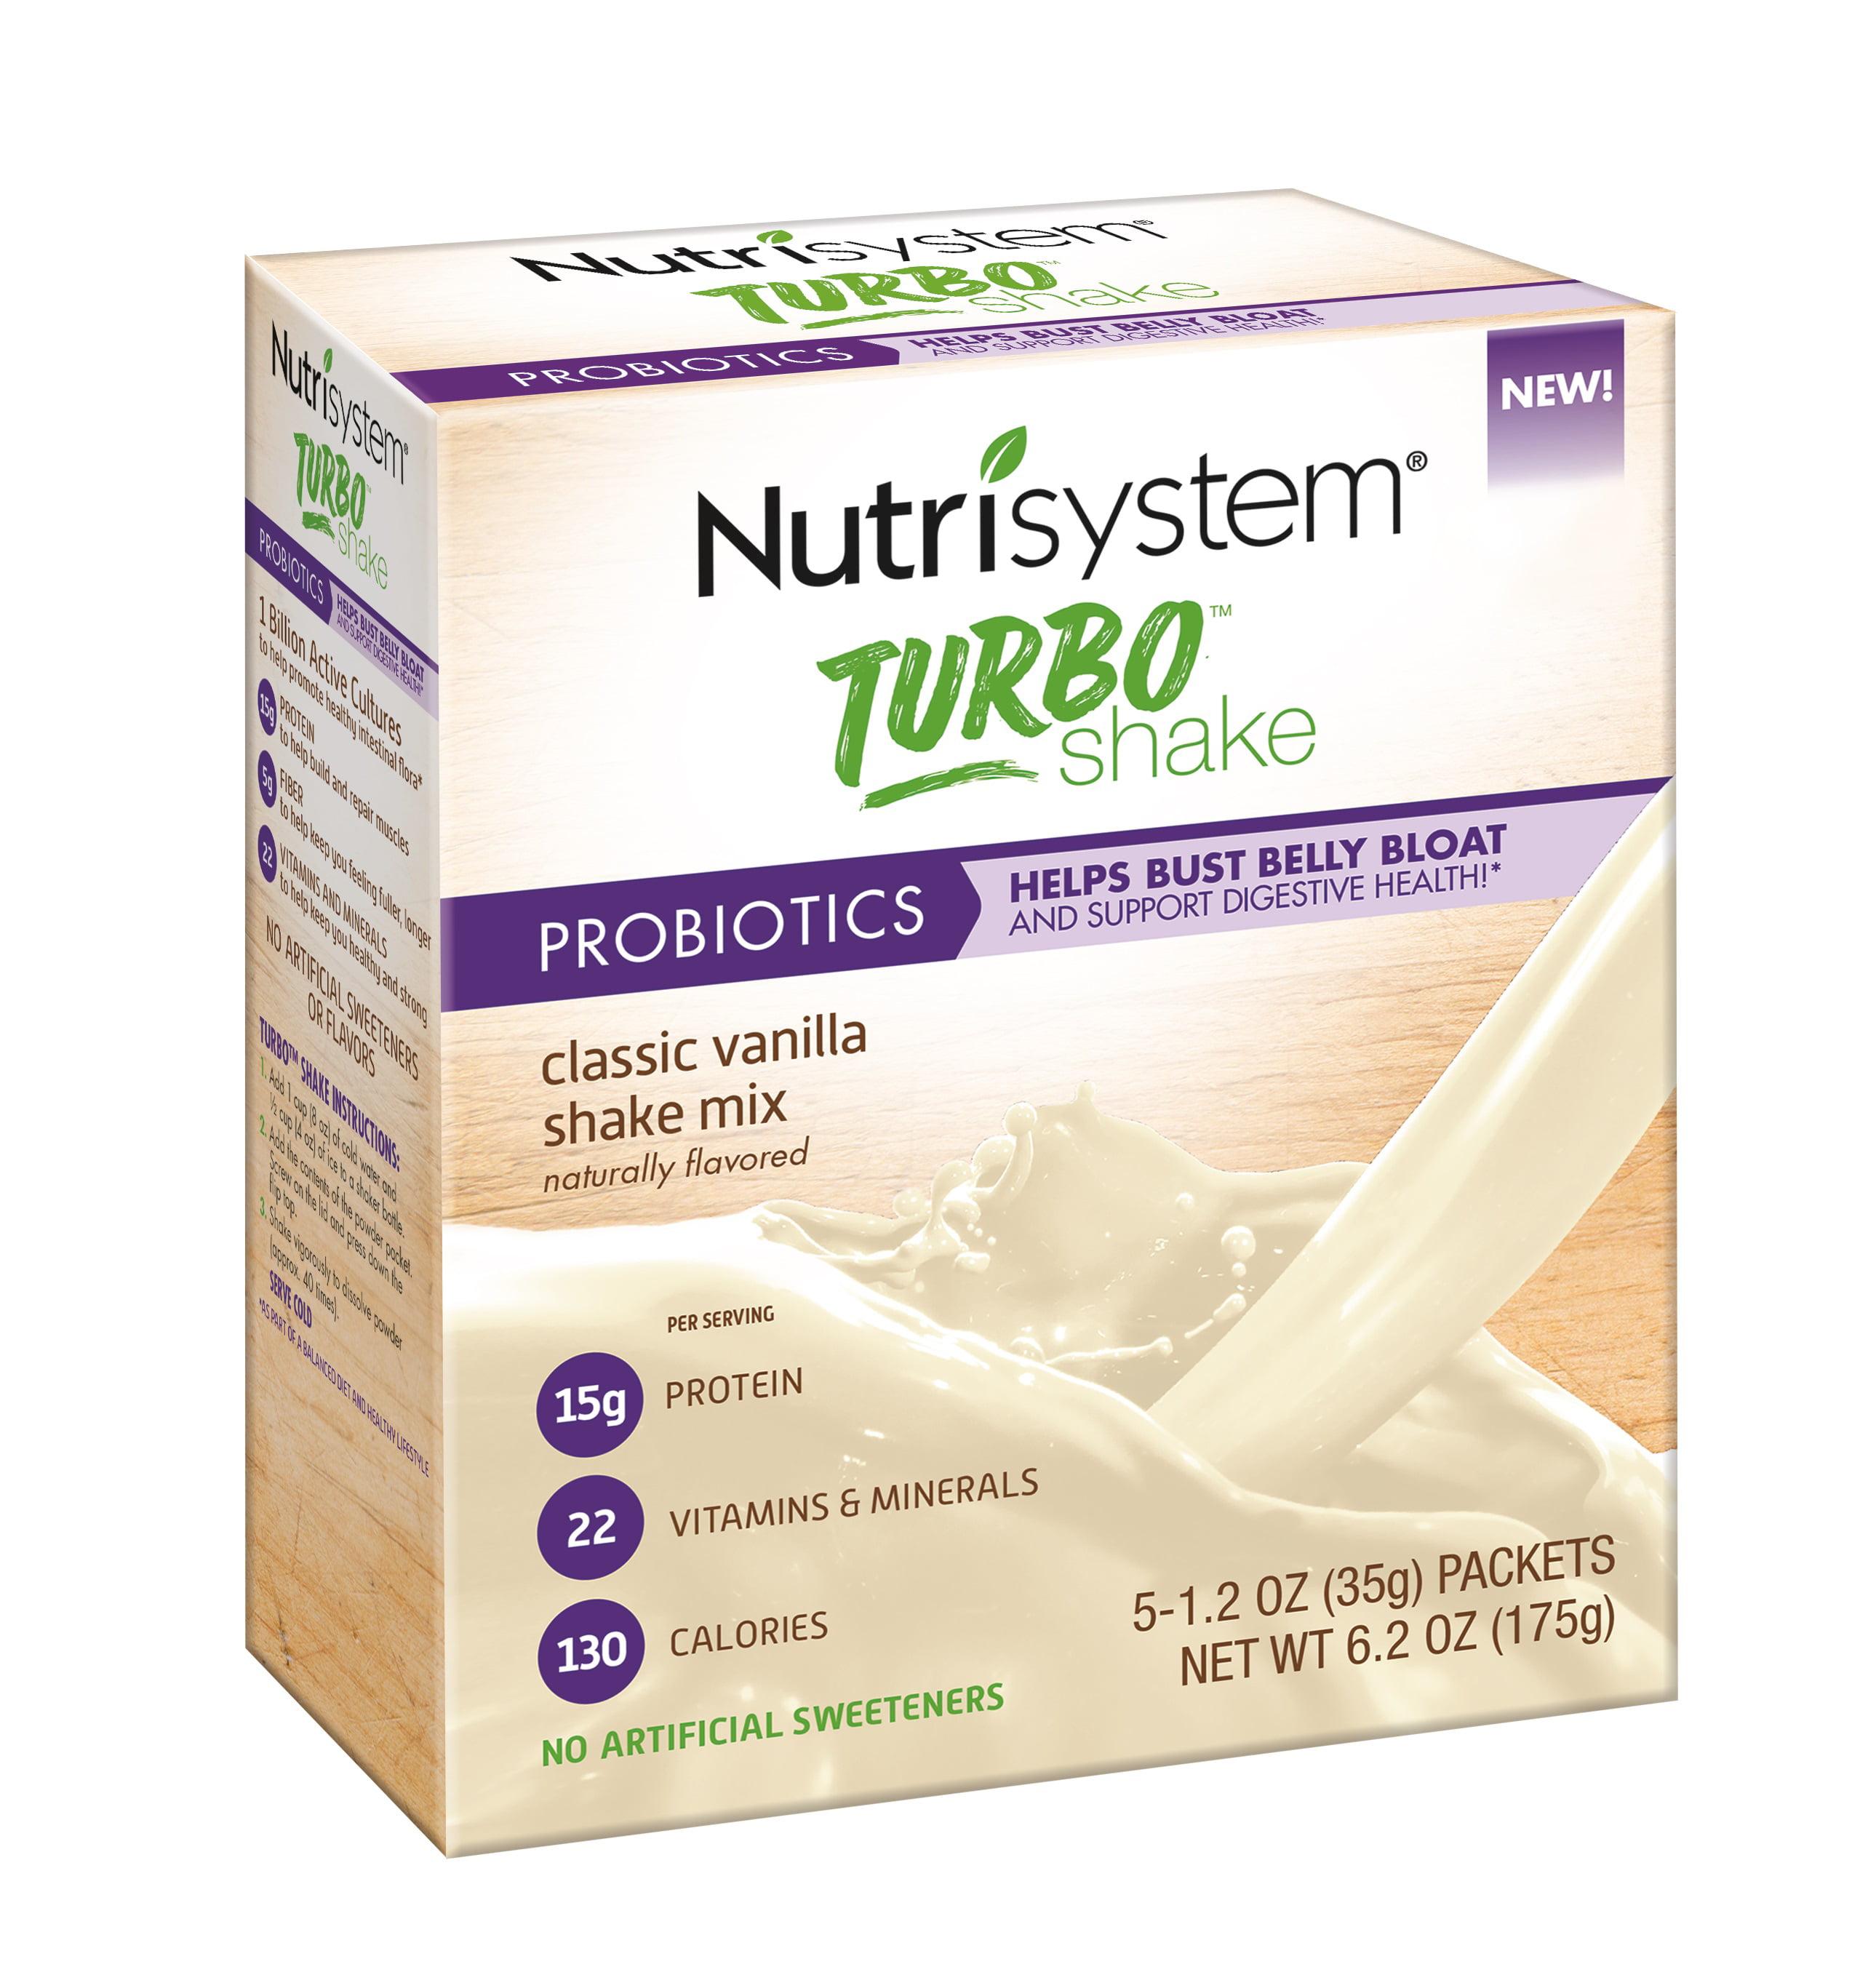 Nutrisystem Turbo Vanilla Shake Mix, 1.2 Oz, 20 Ct